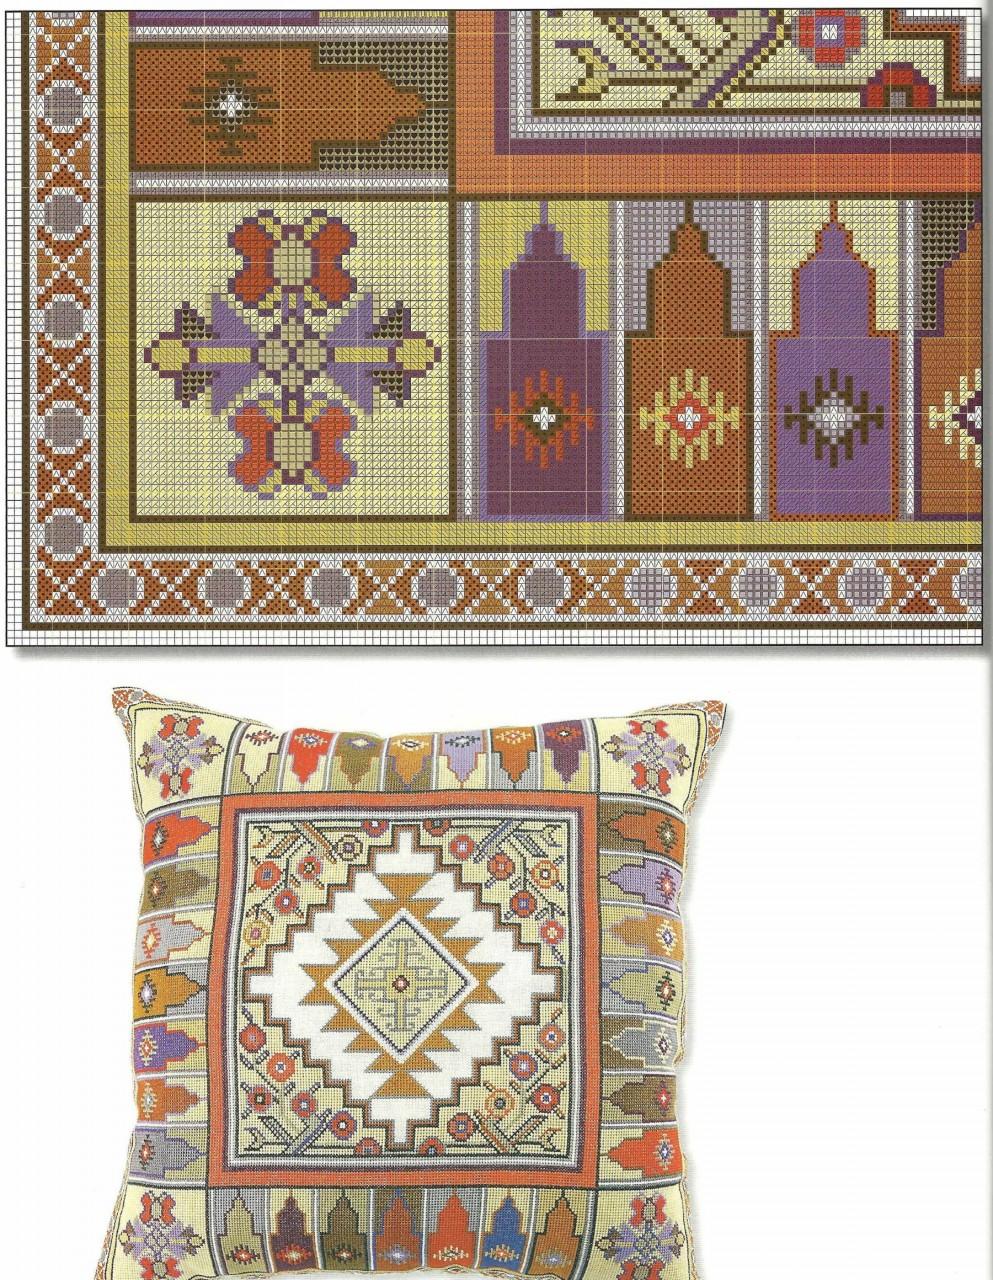 Подушки в восточном стиле - вышивка крестом схема 3